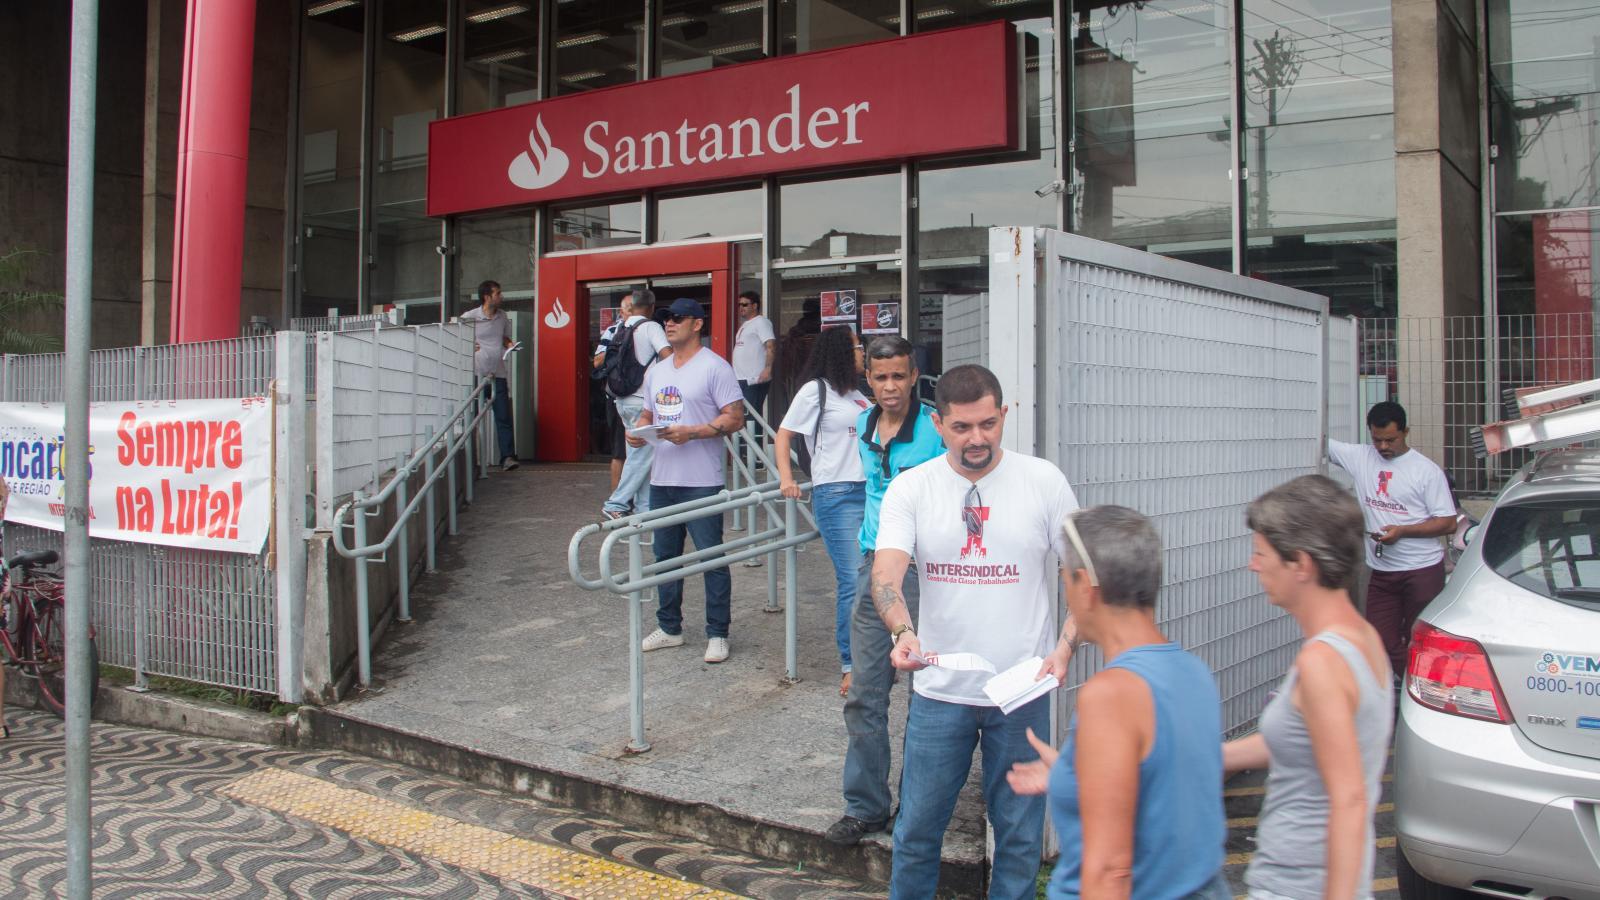 Escutou demissão no Santander, procure imediatamente o Sindicato